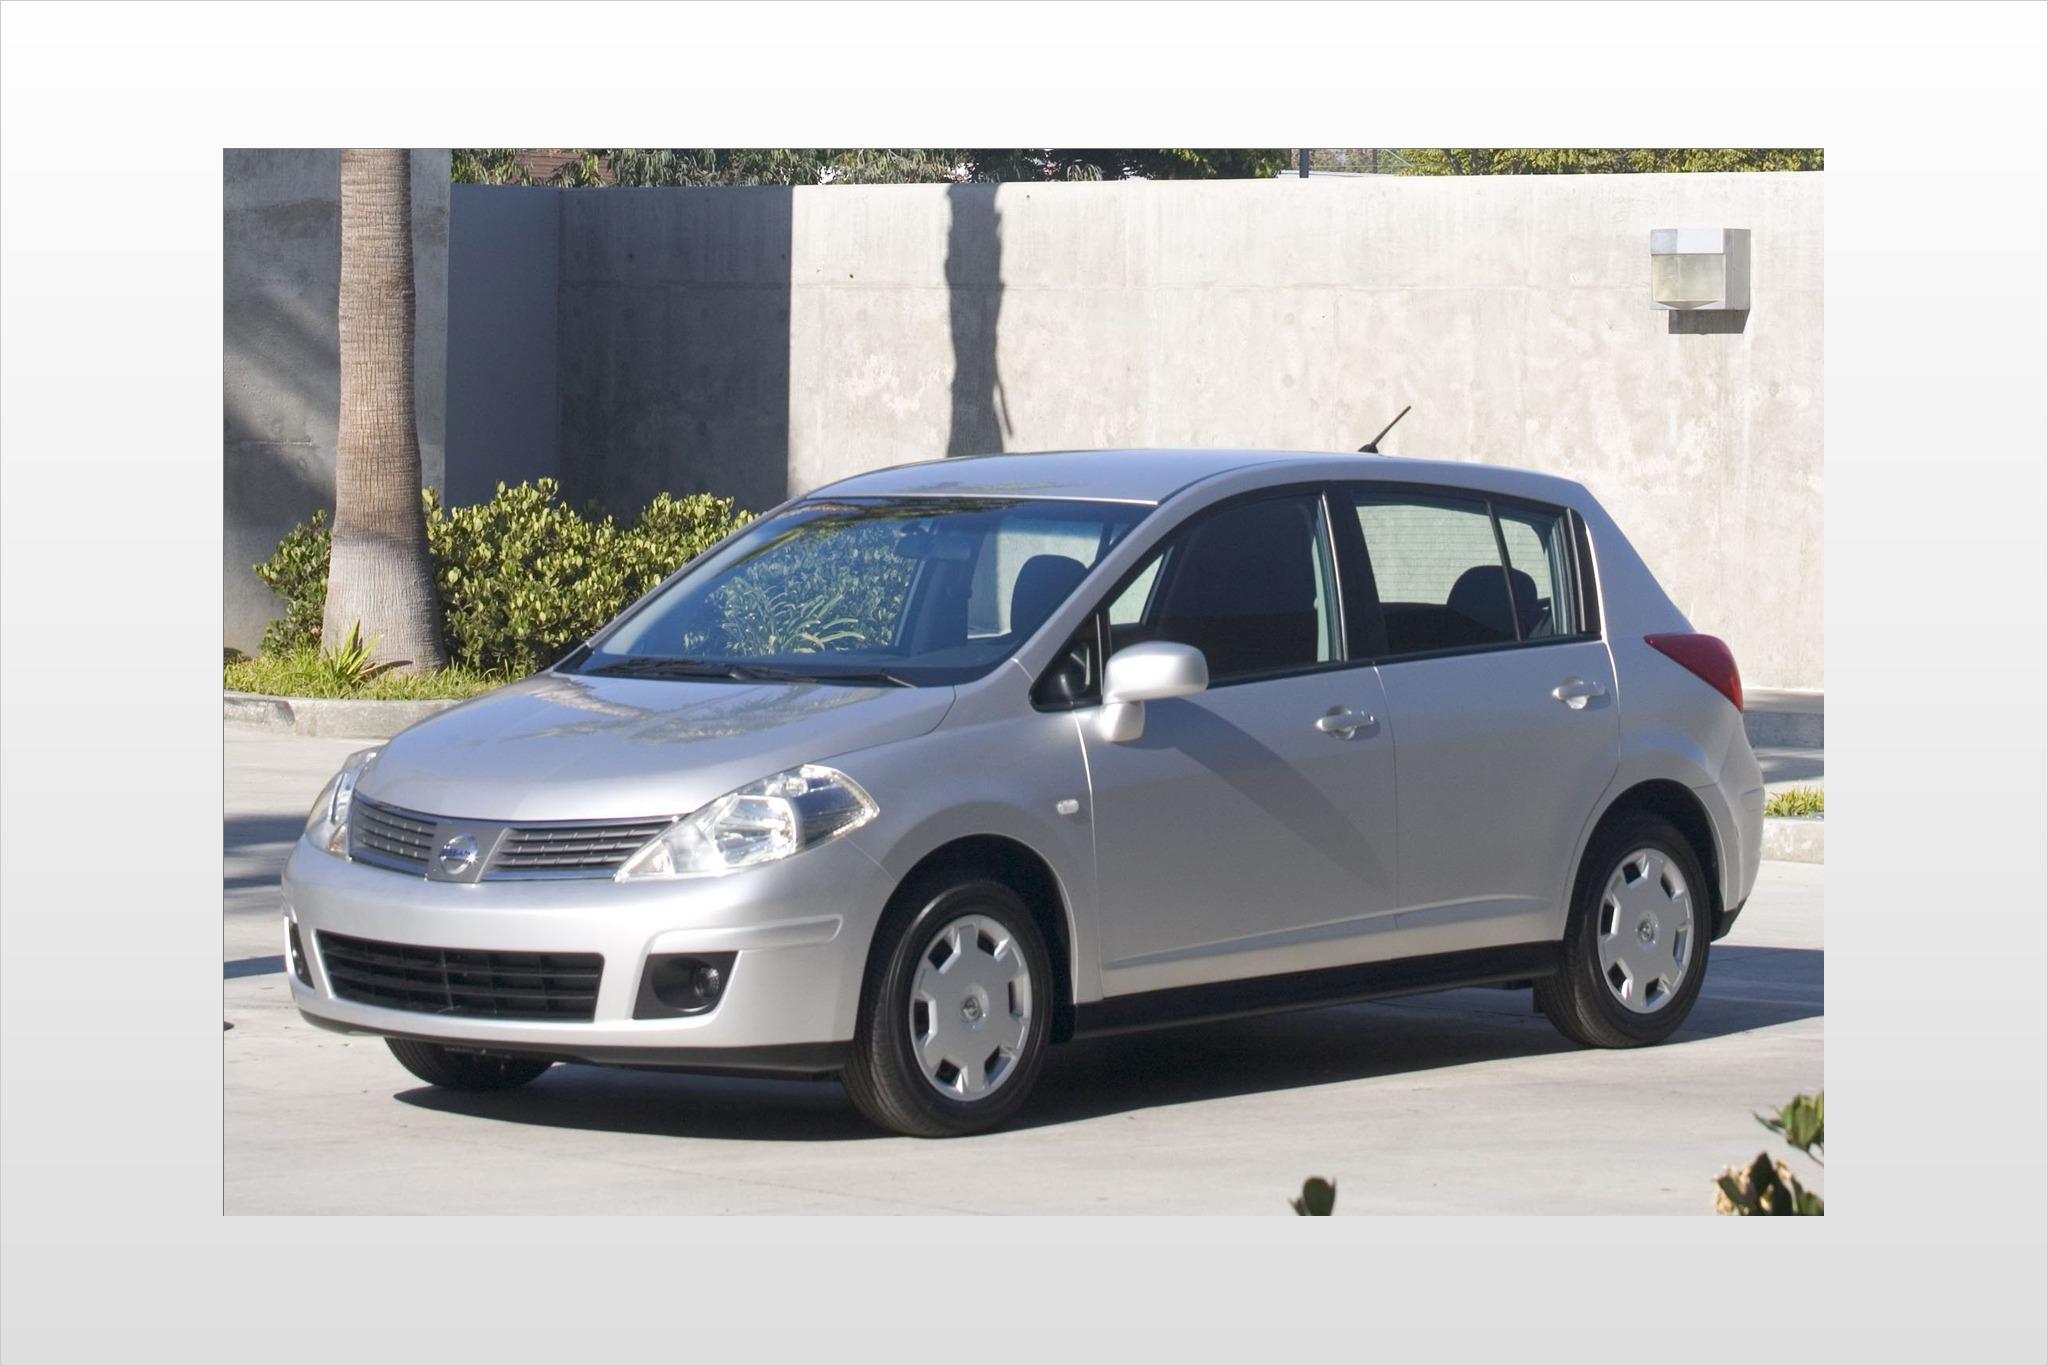 2007 nissan versa 4dr hatchback 18 s fq oem 1 2048